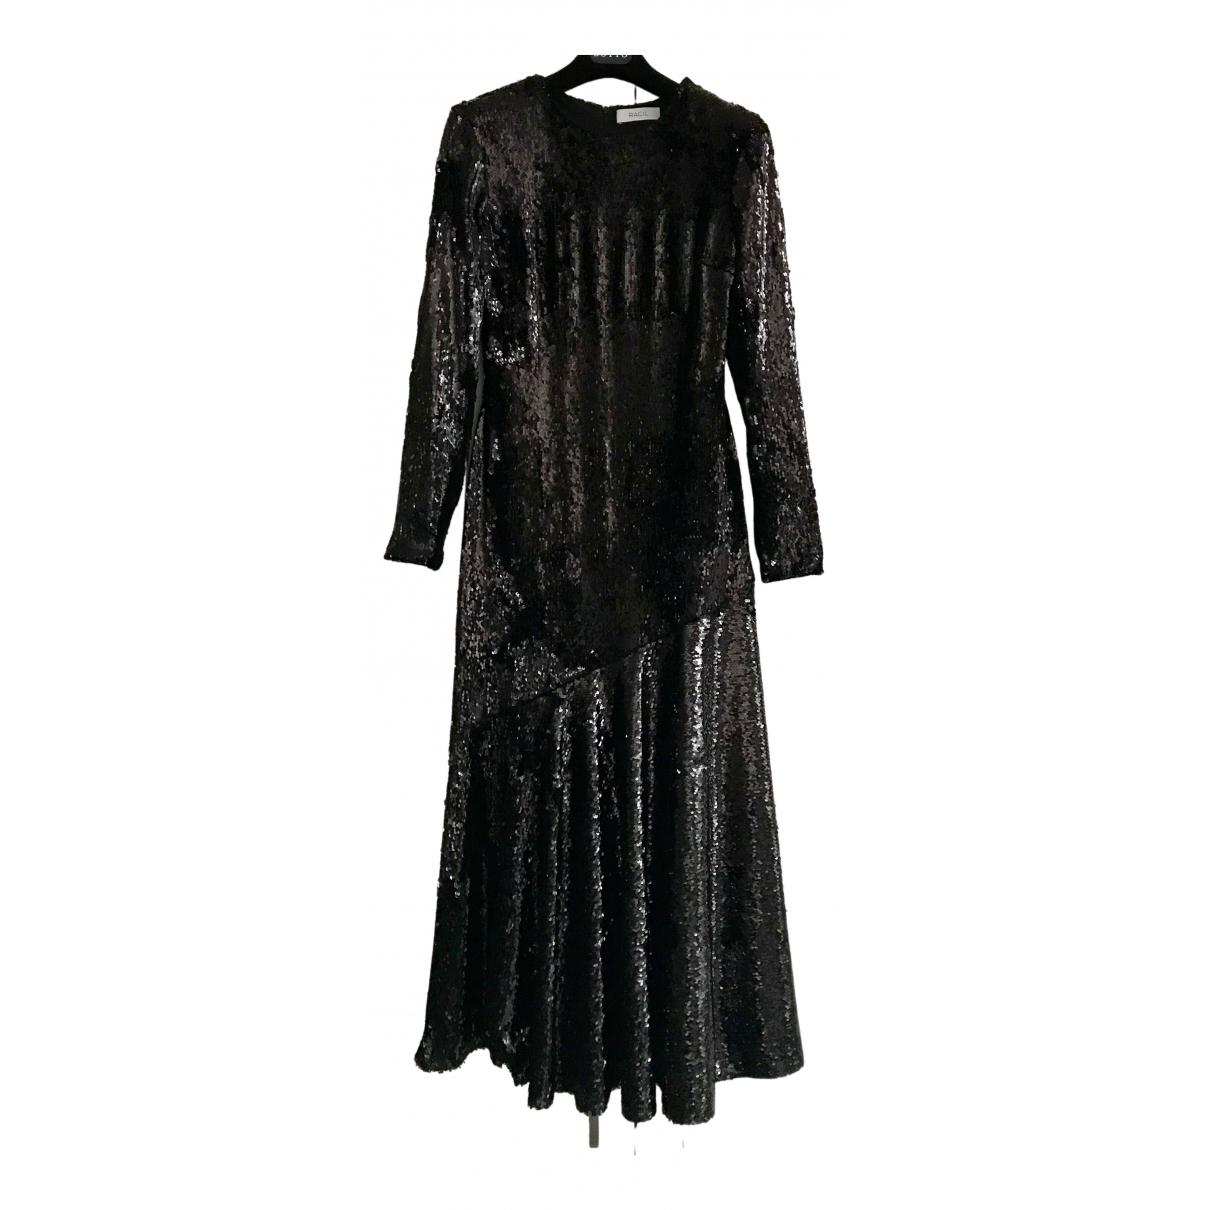 Racil \N Kleid in  Schwarz Mit Pailletten